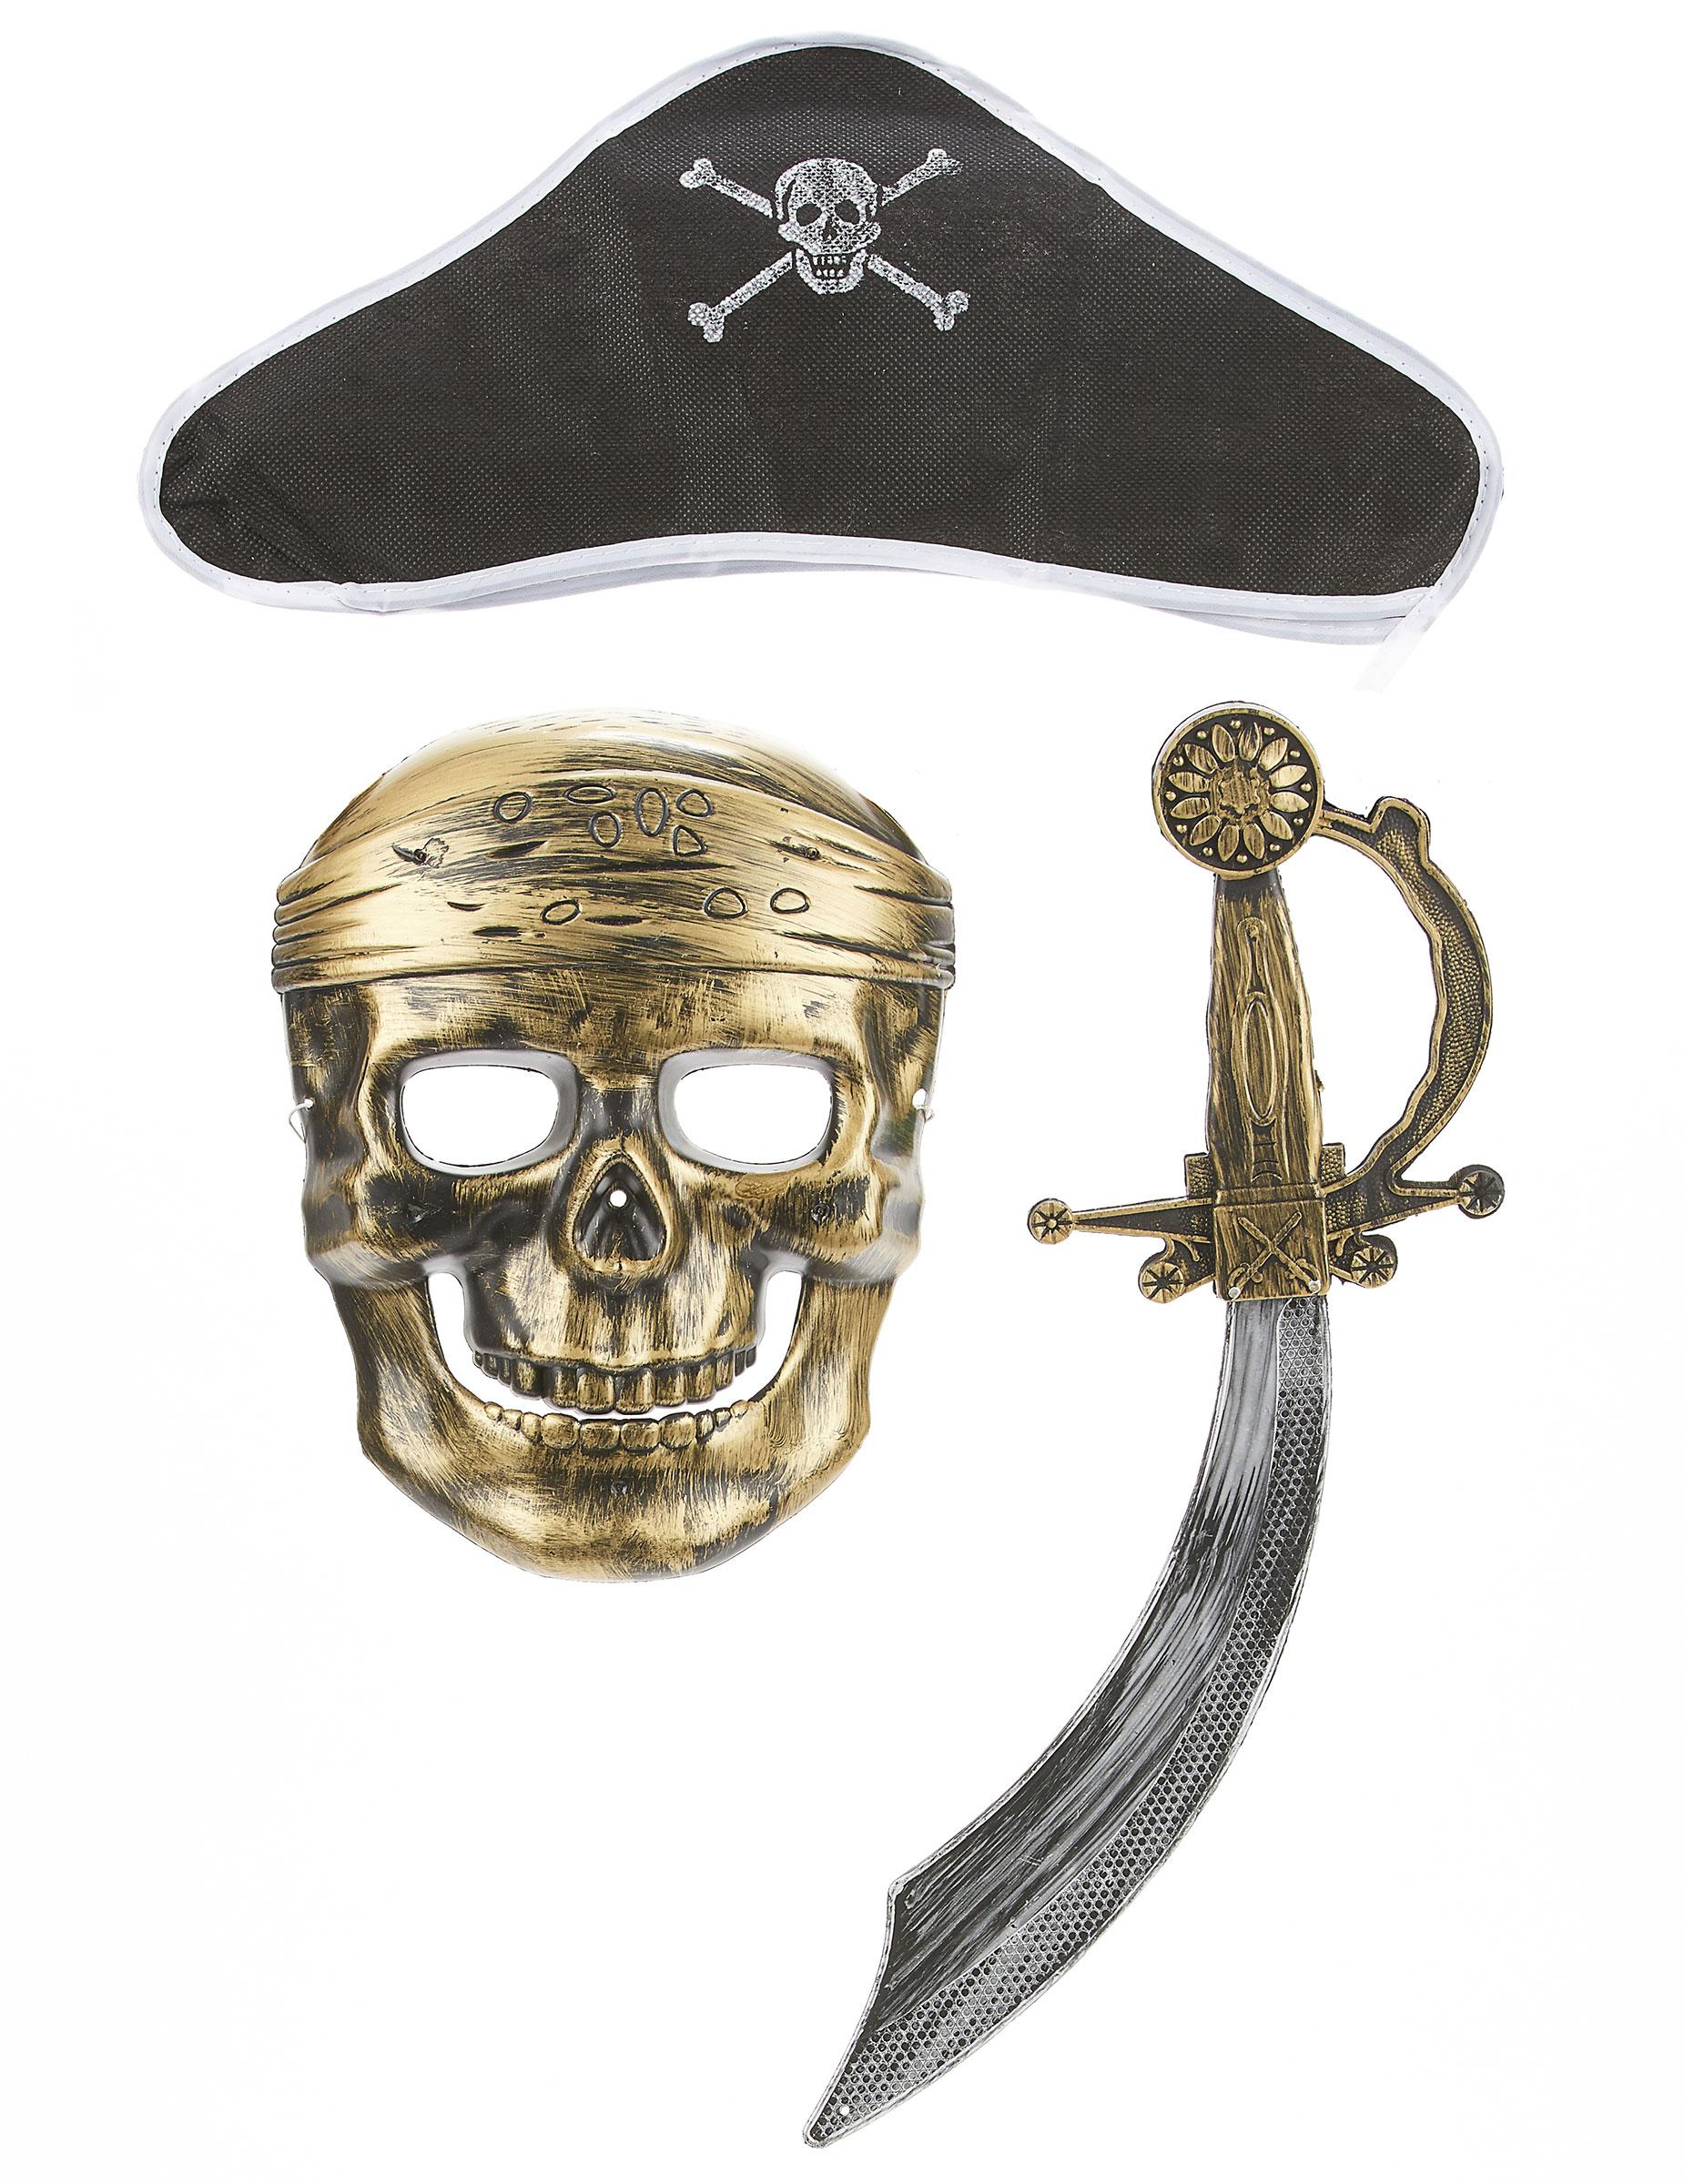 72702bbcf79 Kit de pirate en plastique - Sabre